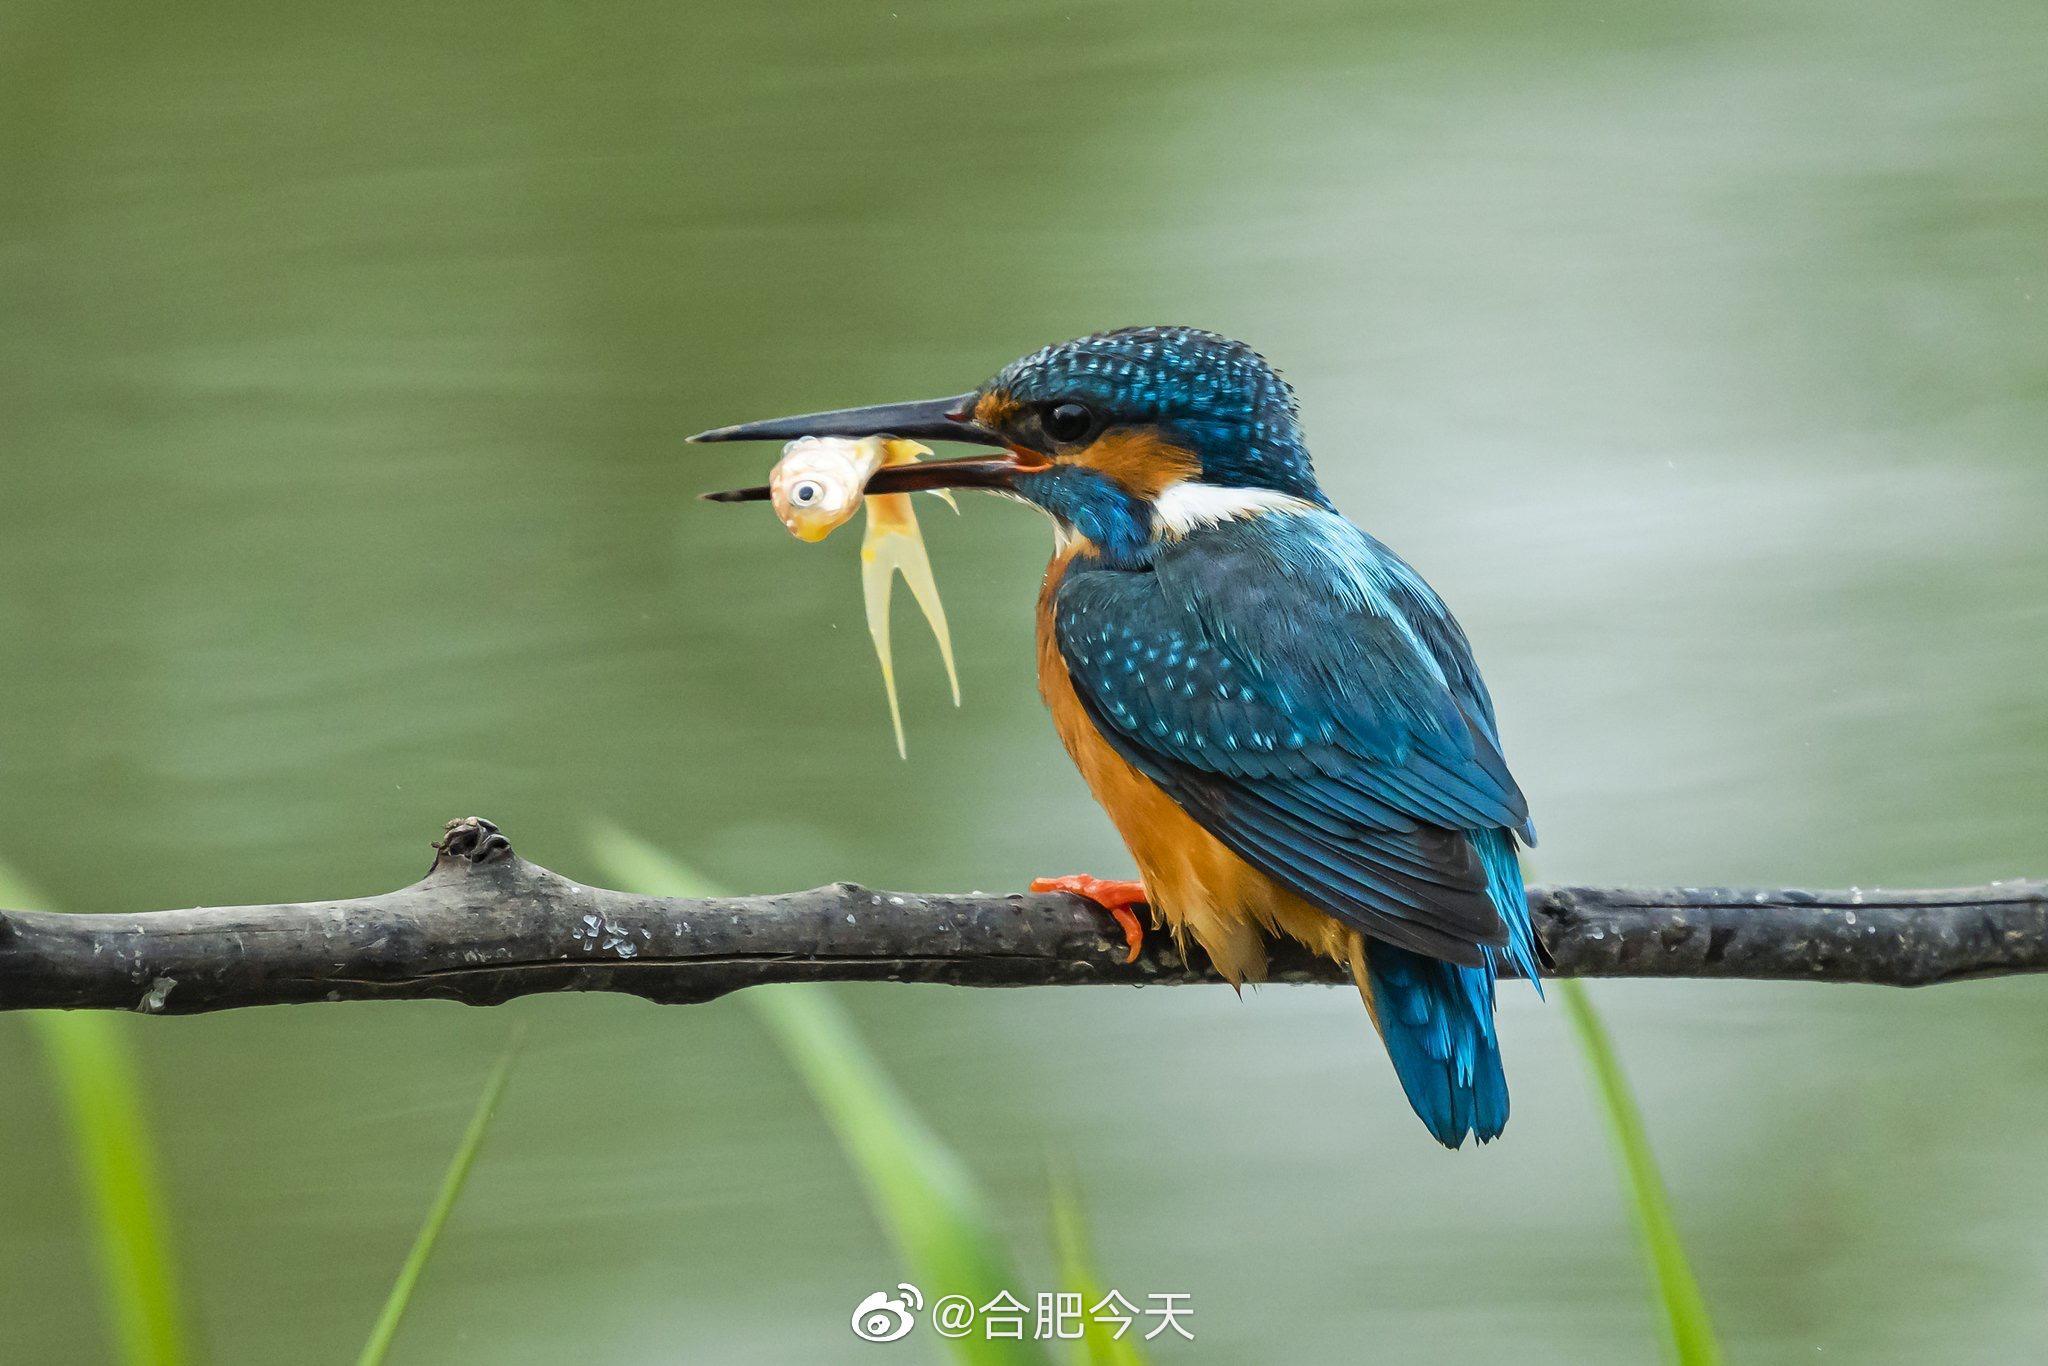 借鱼献爱!摄影师捕捉到两只翠鸟的亲密瞬间